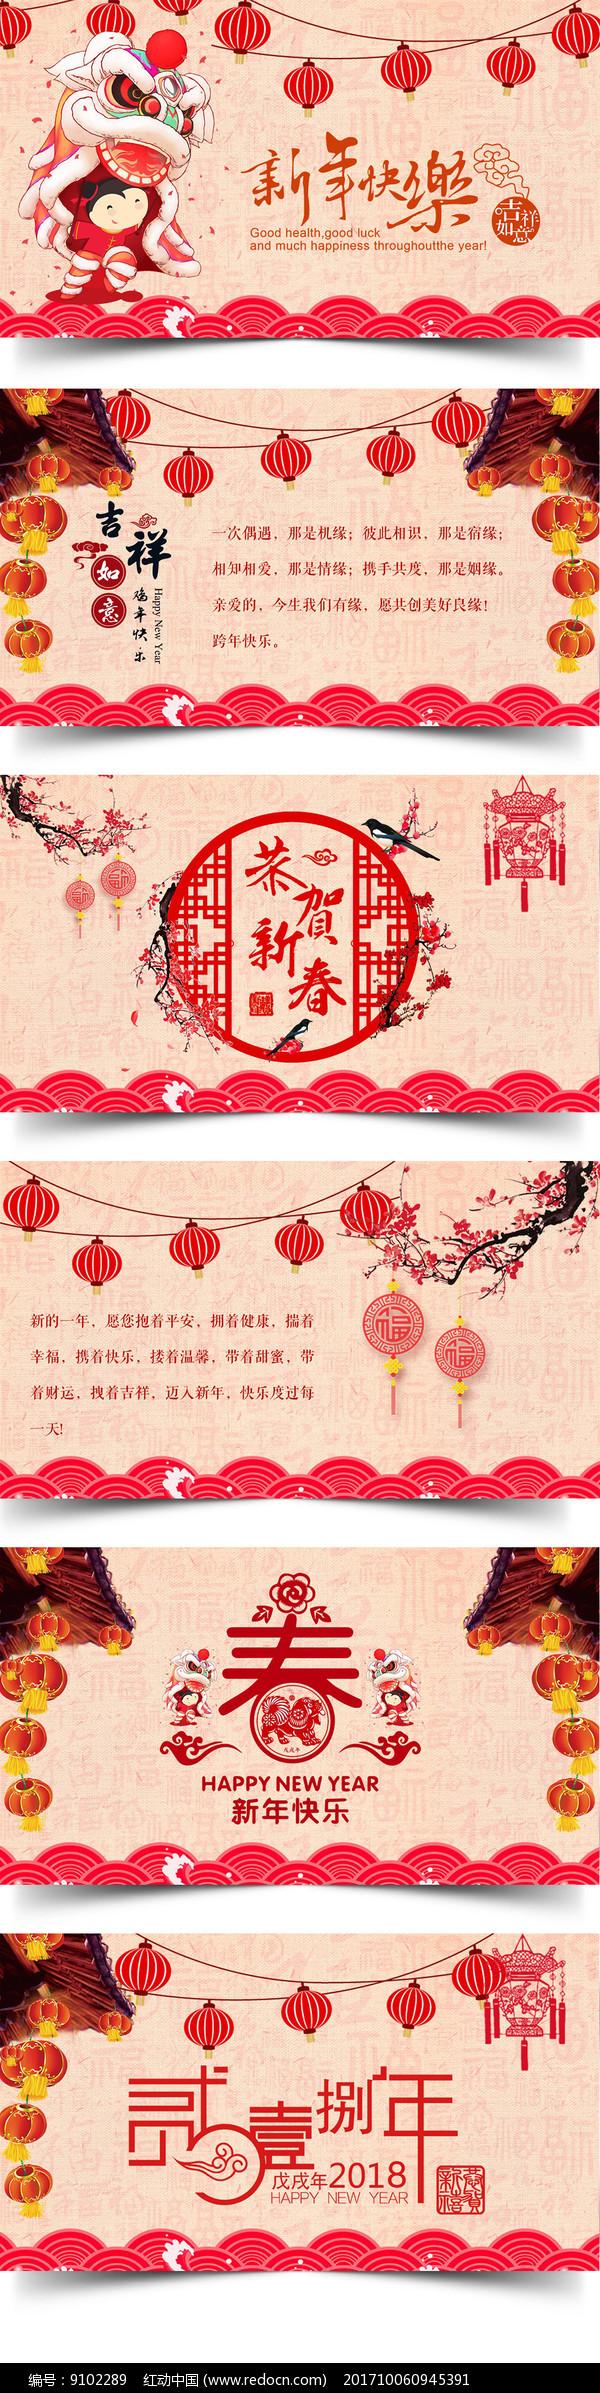 庆欢乐新年贺卡PPT模板图片